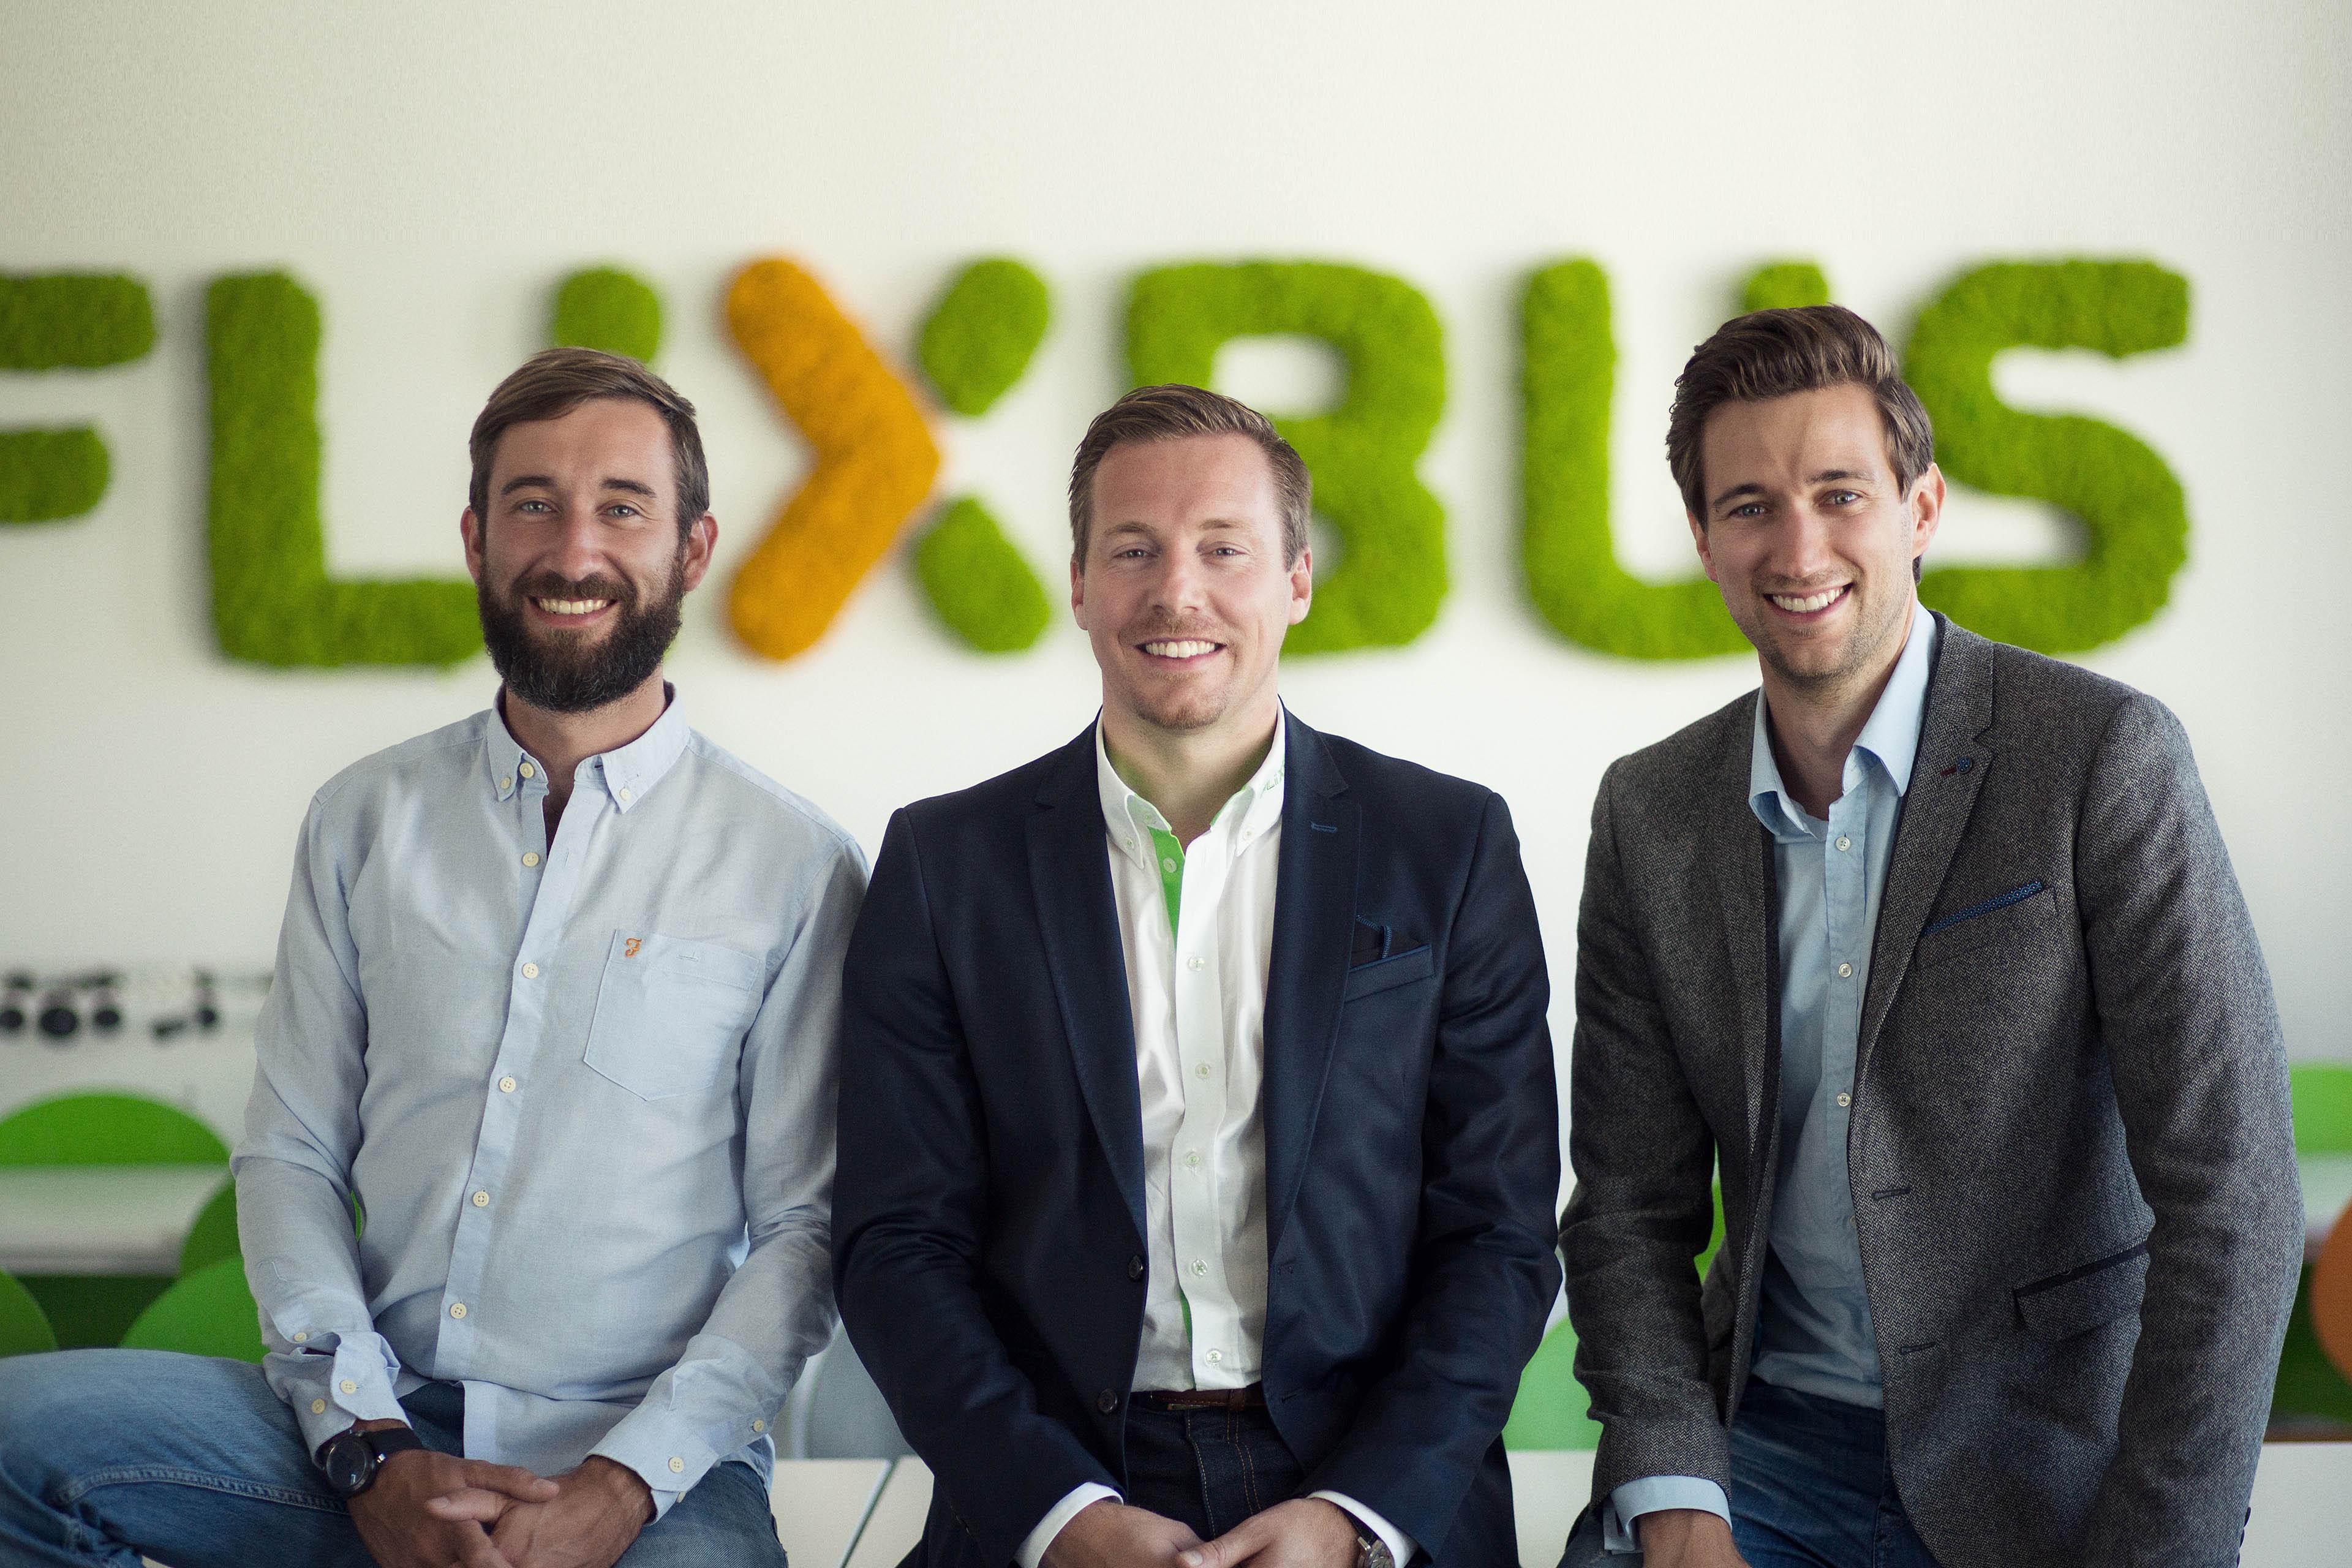 2019 Entrepreneur Daniel Krauss André Schwämmlein Jochen Engert